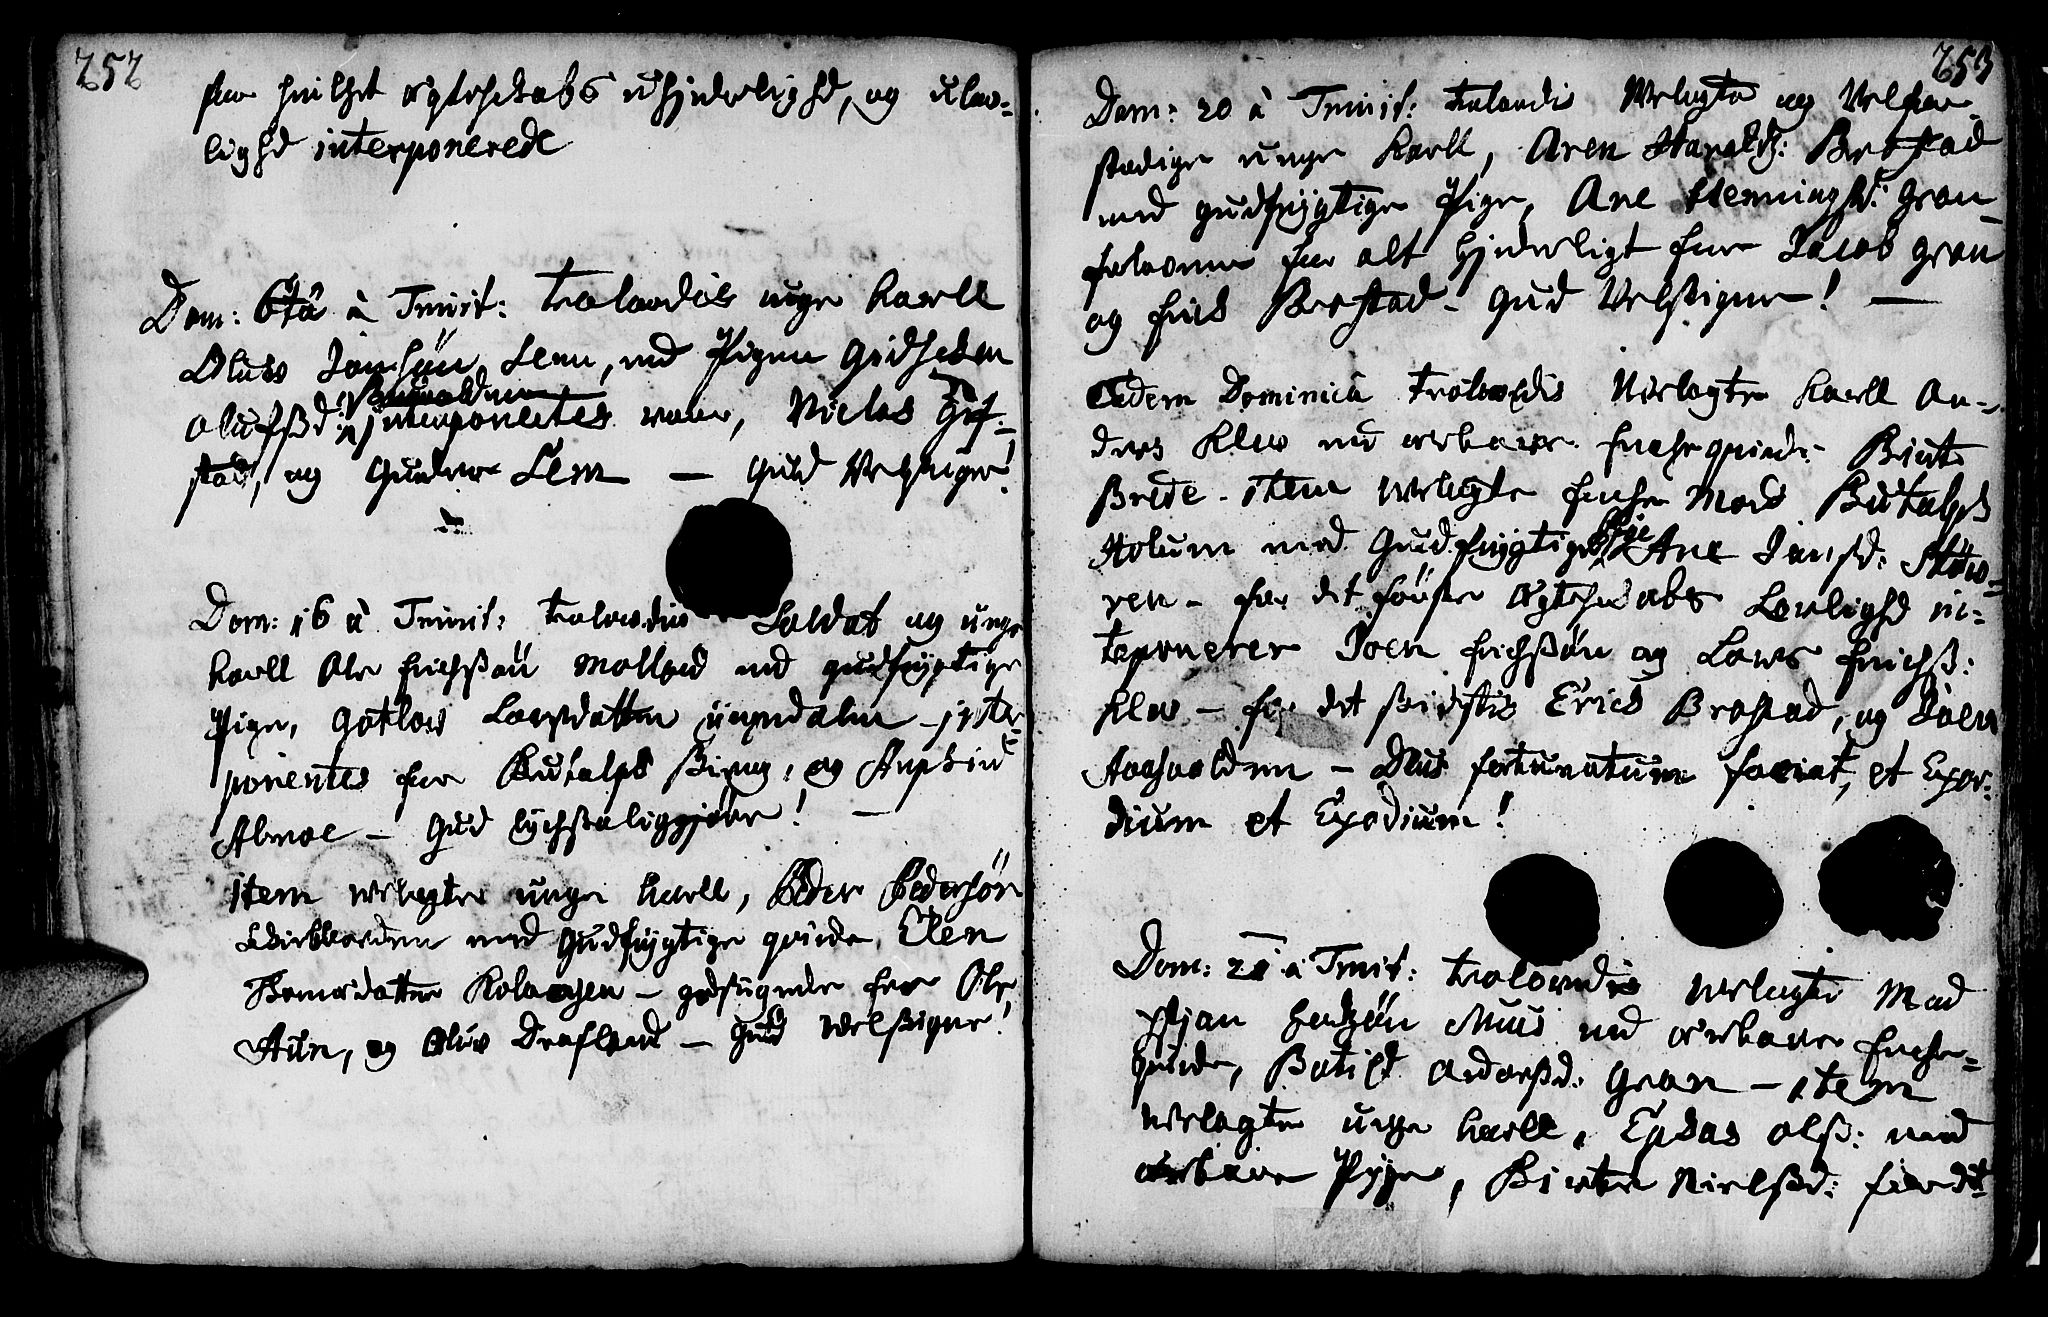 SAT, Ministerialprotokoller, klokkerbøker og fødselsregistre - Nord-Trøndelag, 749/L0467: Ministerialbok nr. 749A01, 1733-1787, s. 252-253